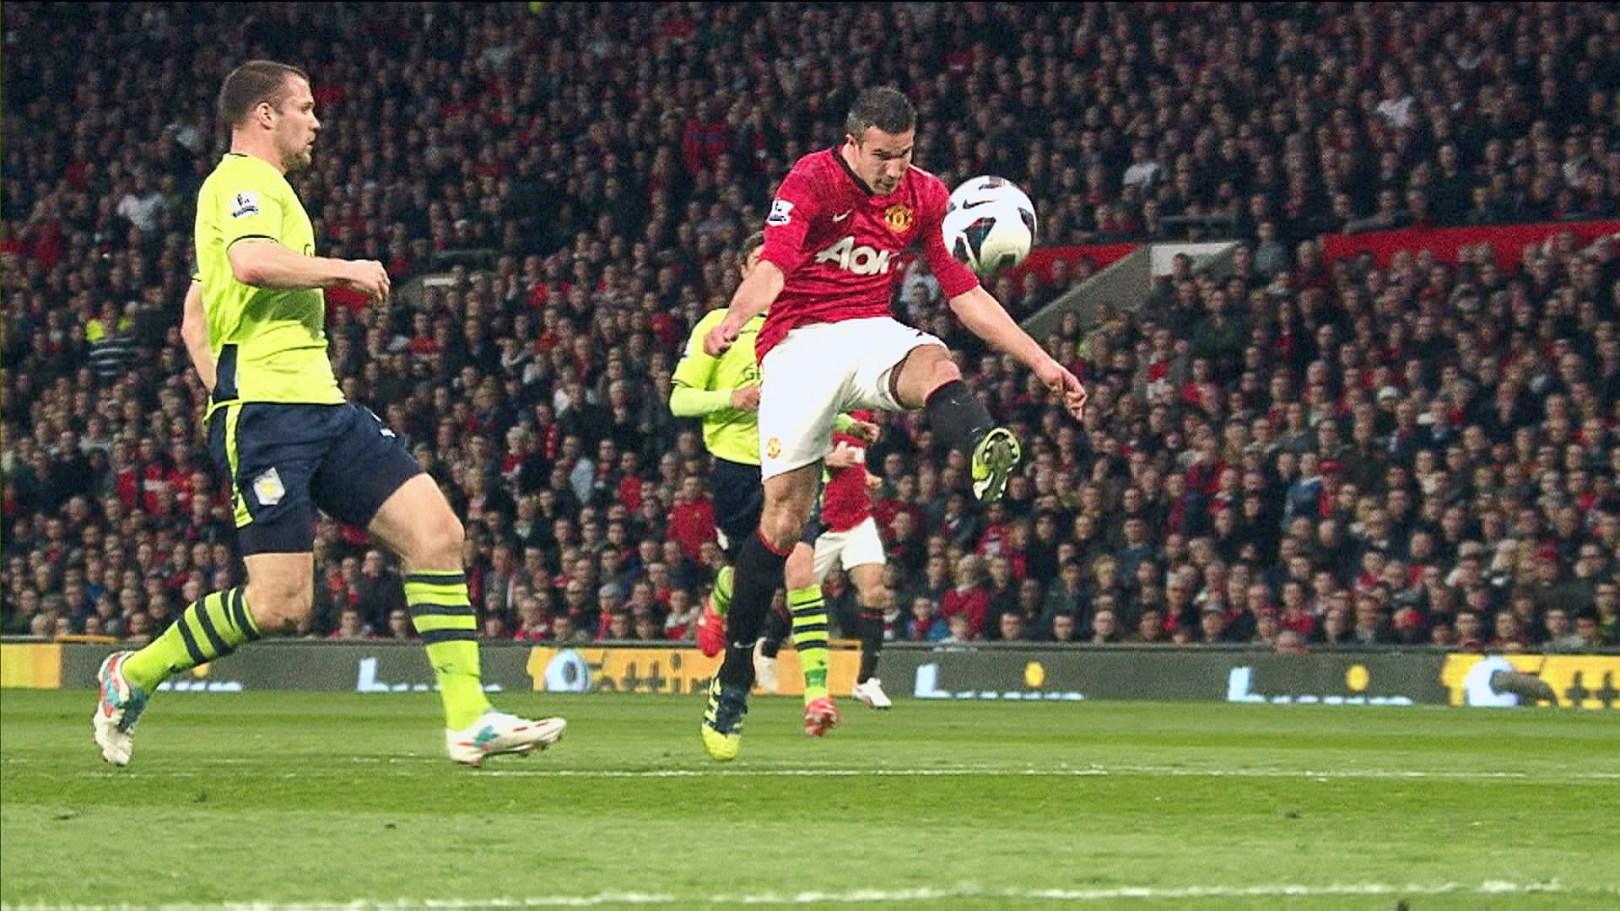 منچستریونایتد-لیگ برتر-هلند-انگلیس-Manchester United-Premier League-England-Netherlands